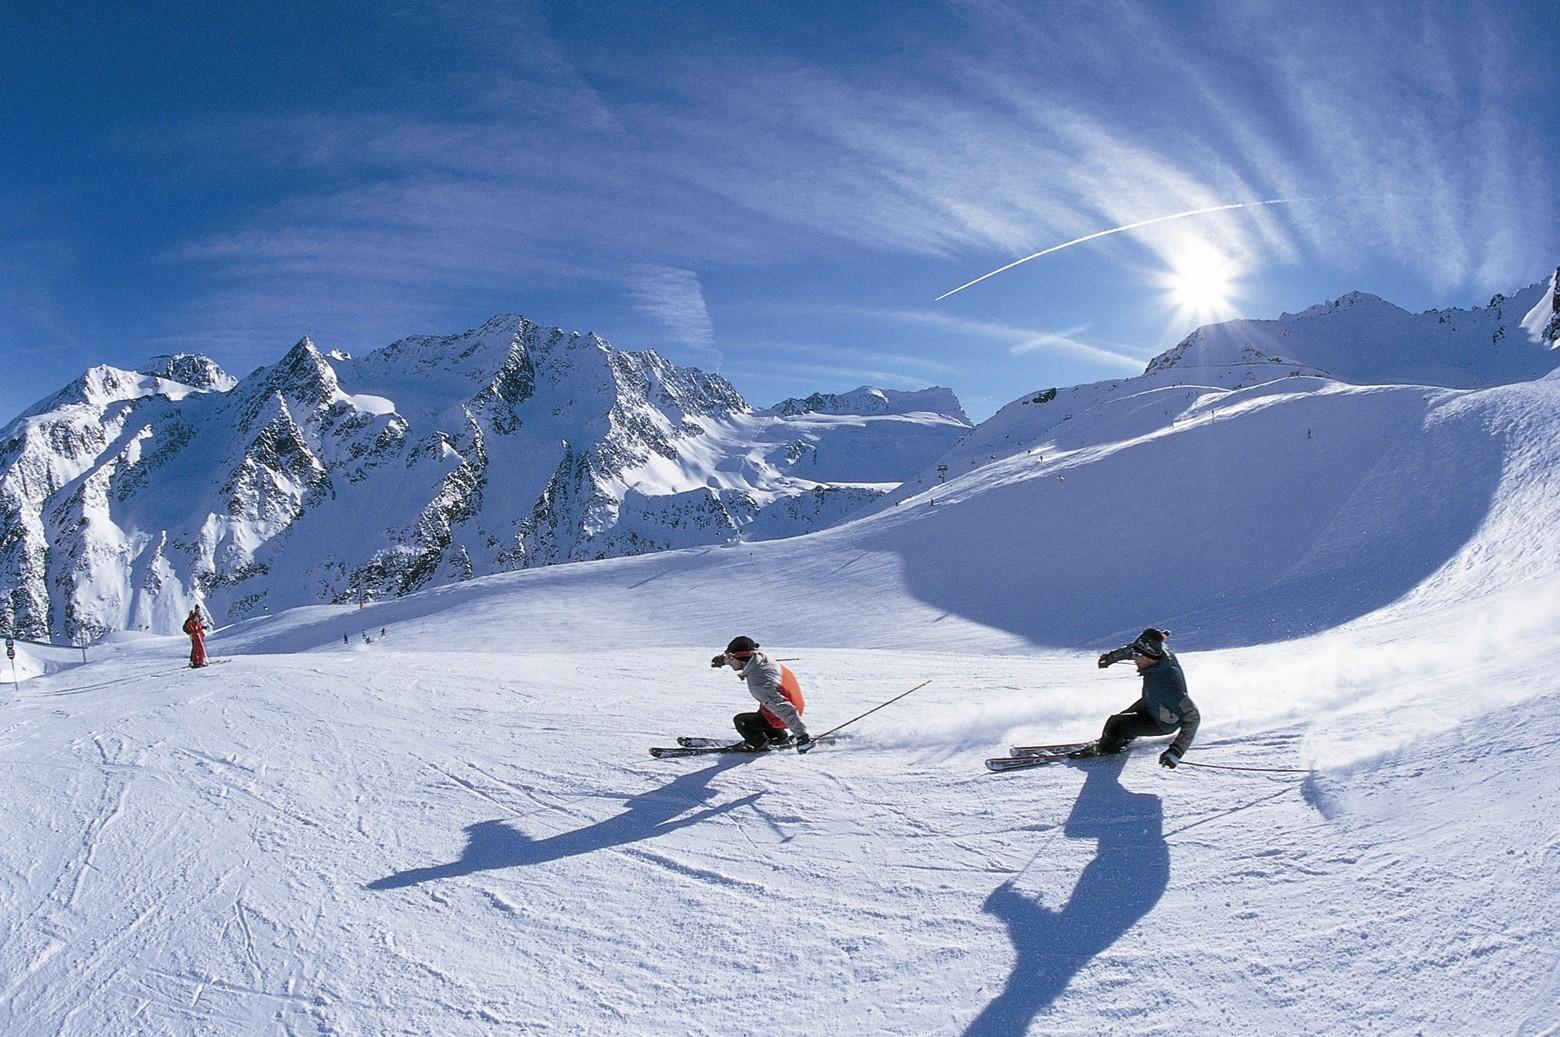 skiing.axd